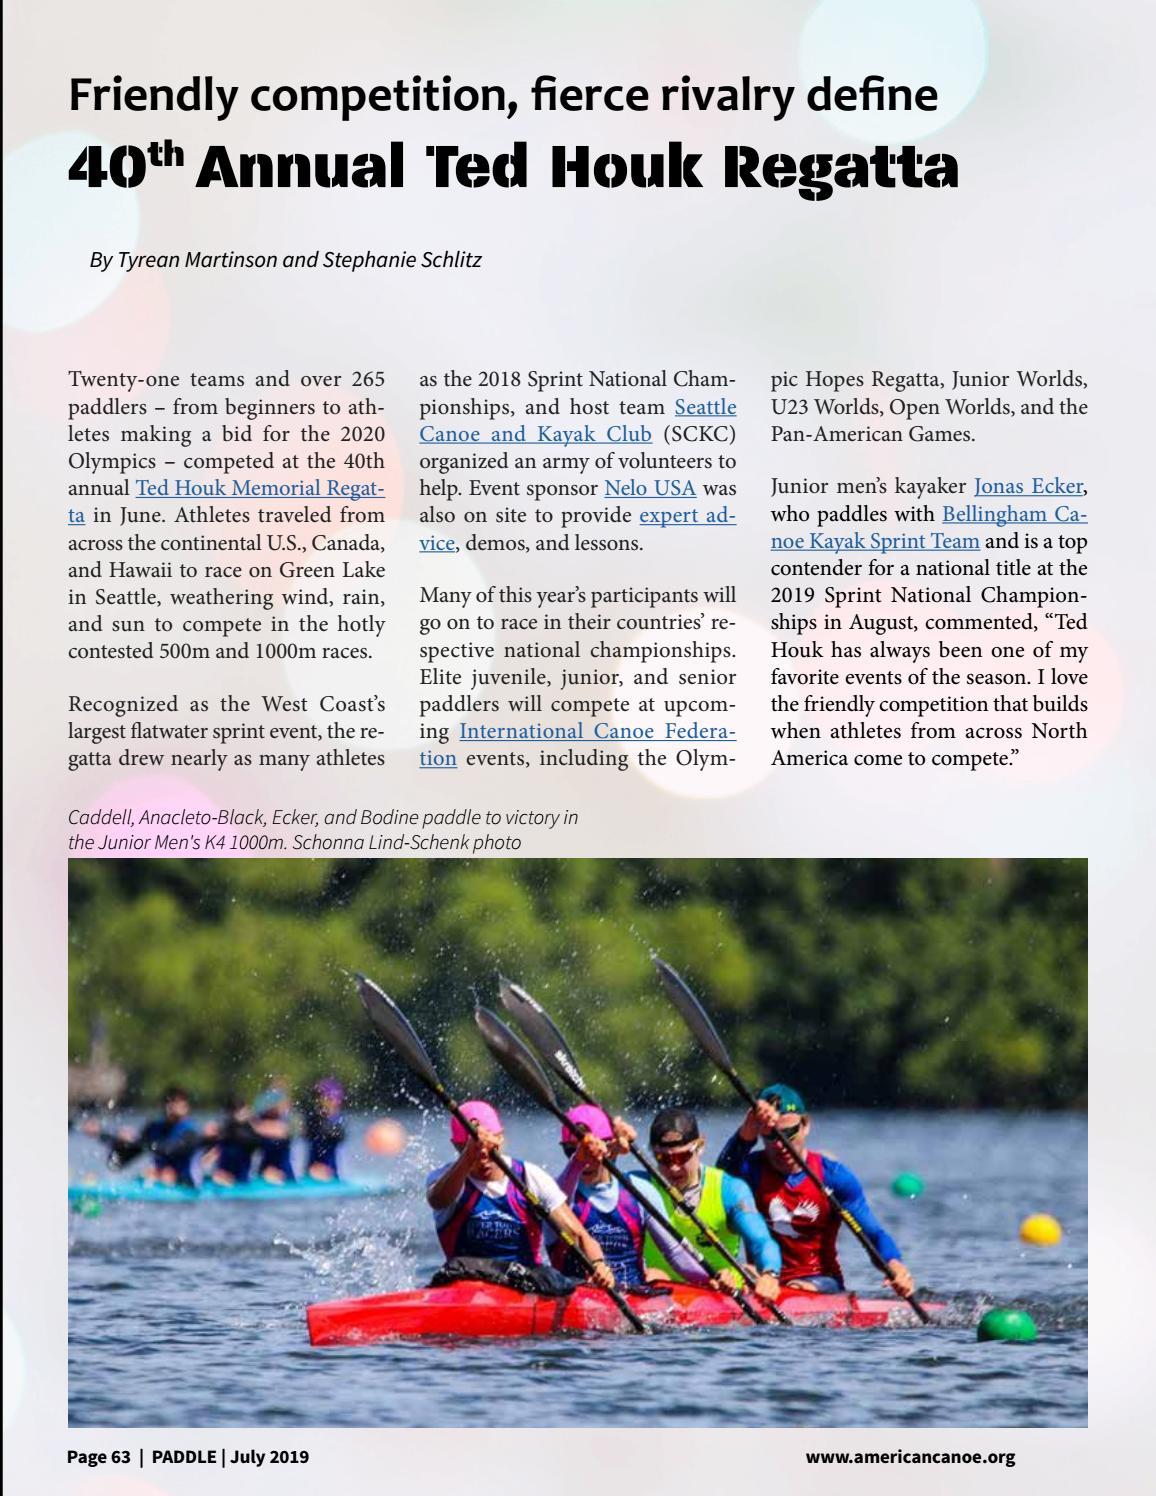 Paddle: July 2019 | Volume 5, Issue 4 by ACA | Canoe - Kayak